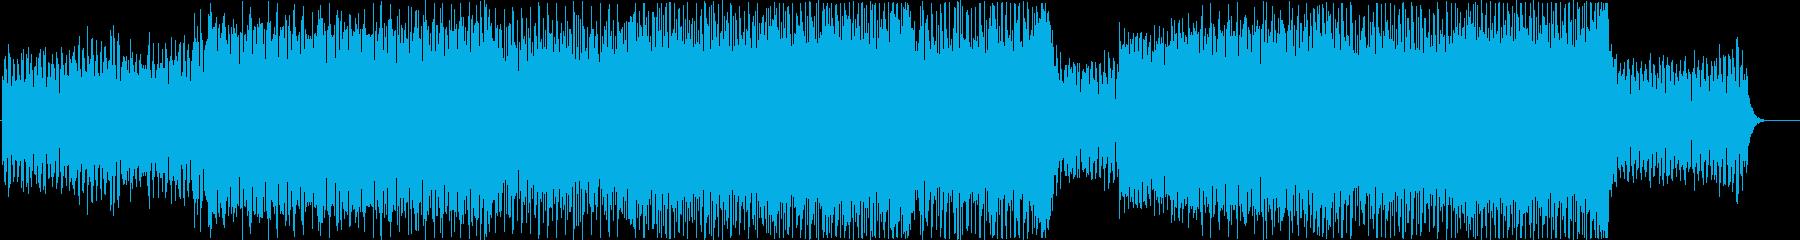 80年代風シンセウェーブ ヴォコーダー有の再生済みの波形